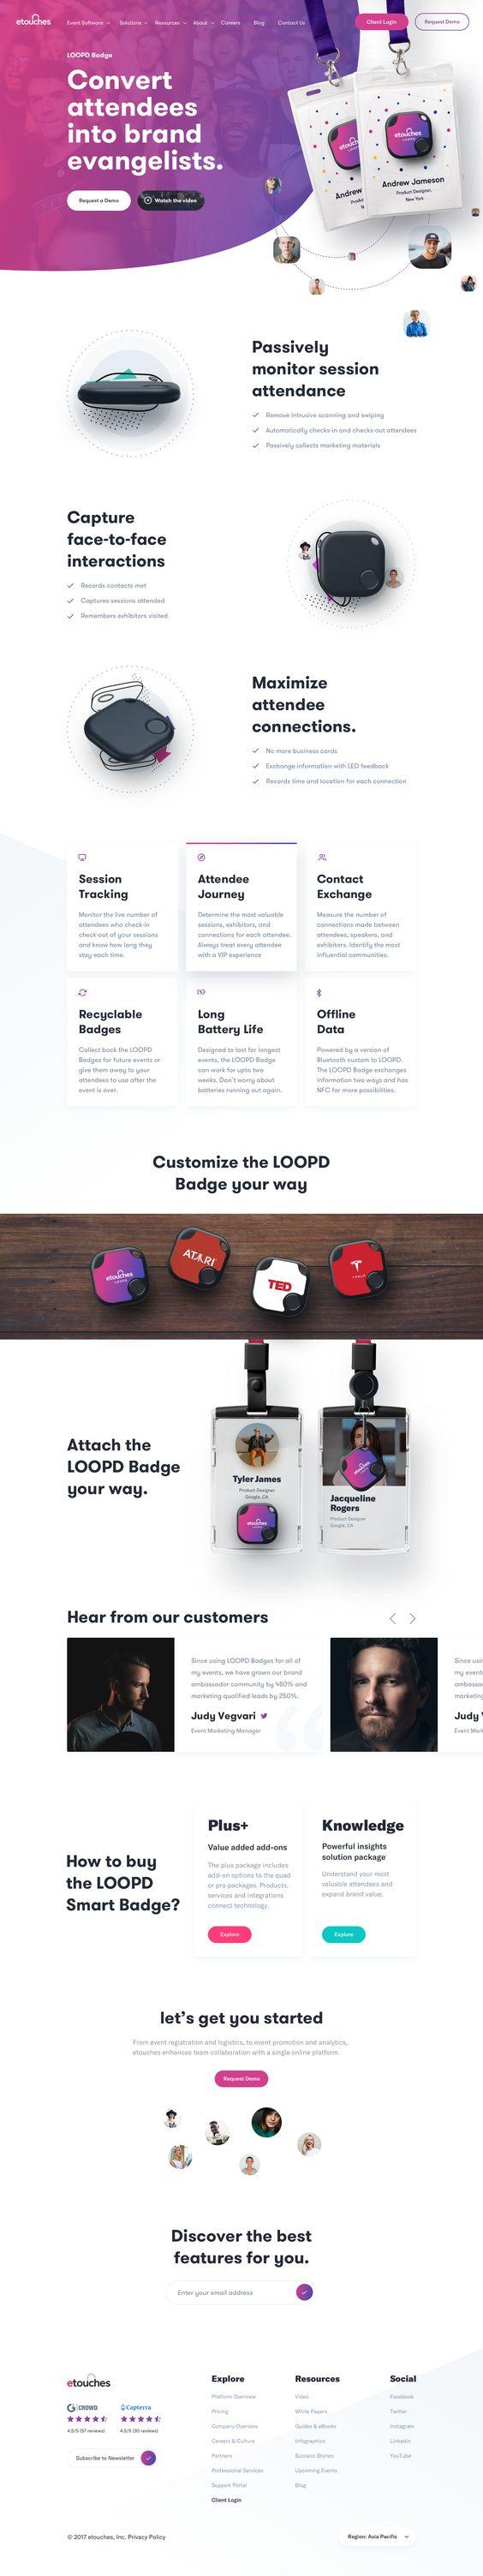 Loopd badge dribbble #websites